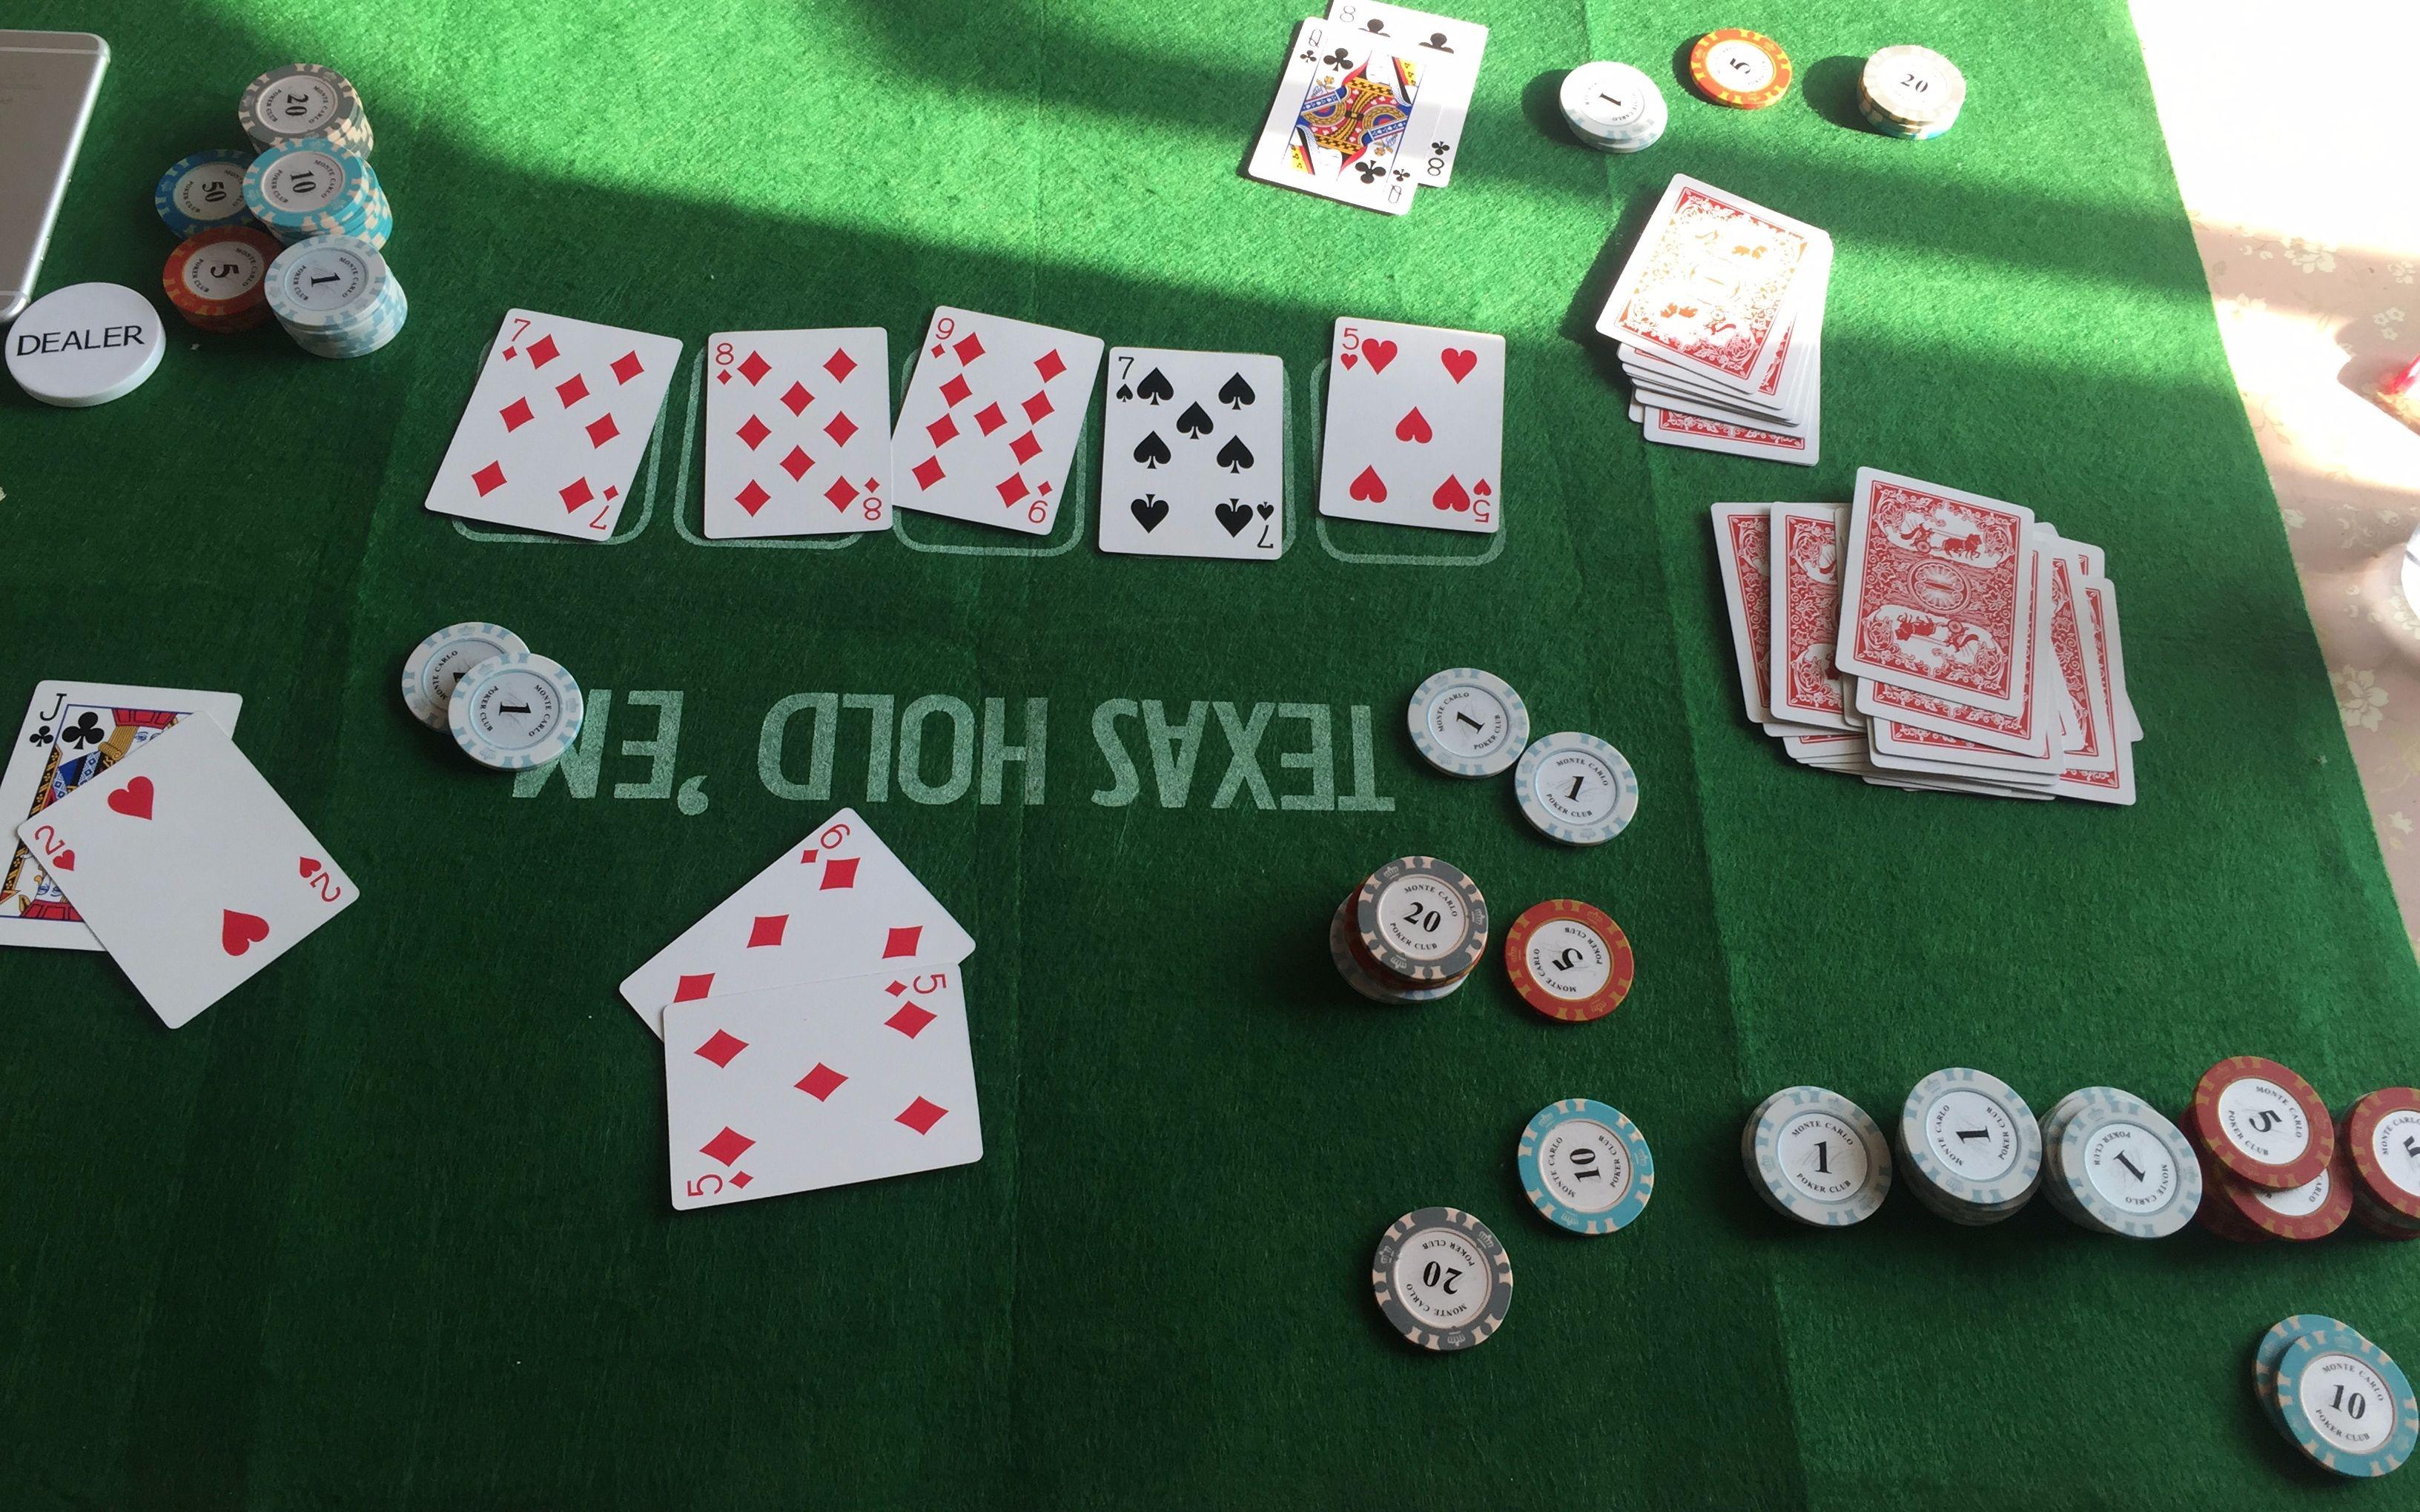 教我几个内容简单,神奇的扑克牌游戏吧,要讲清楚,附图